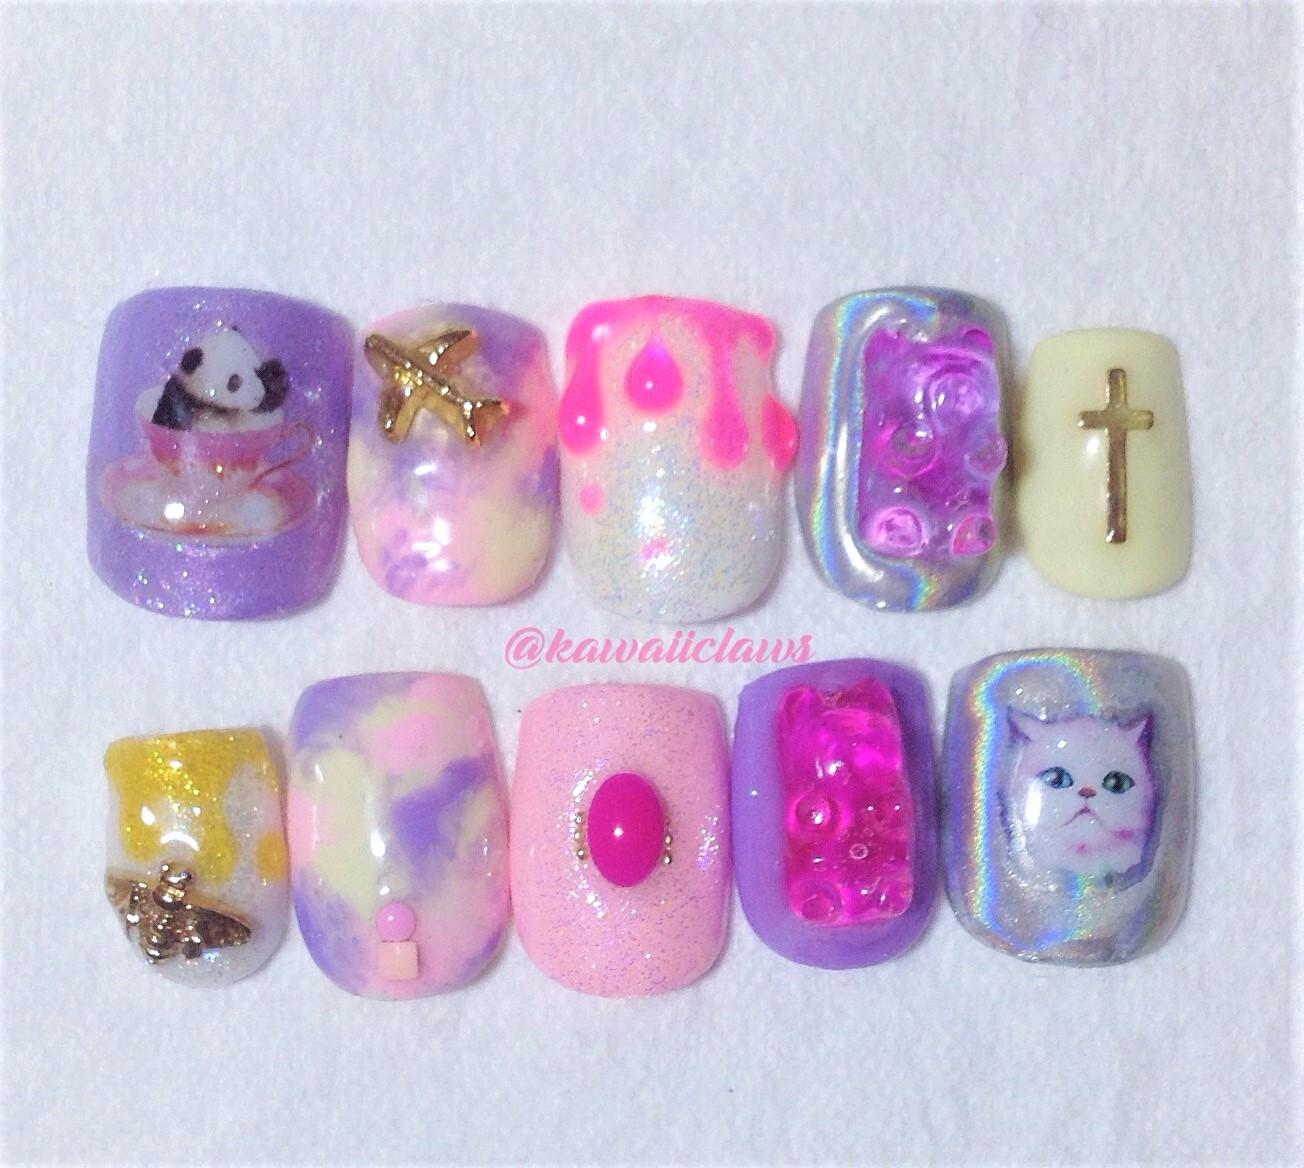 Kawaii Claws | Kawaii Animal Pastel Marble Gummy Bears Mixed Design ...